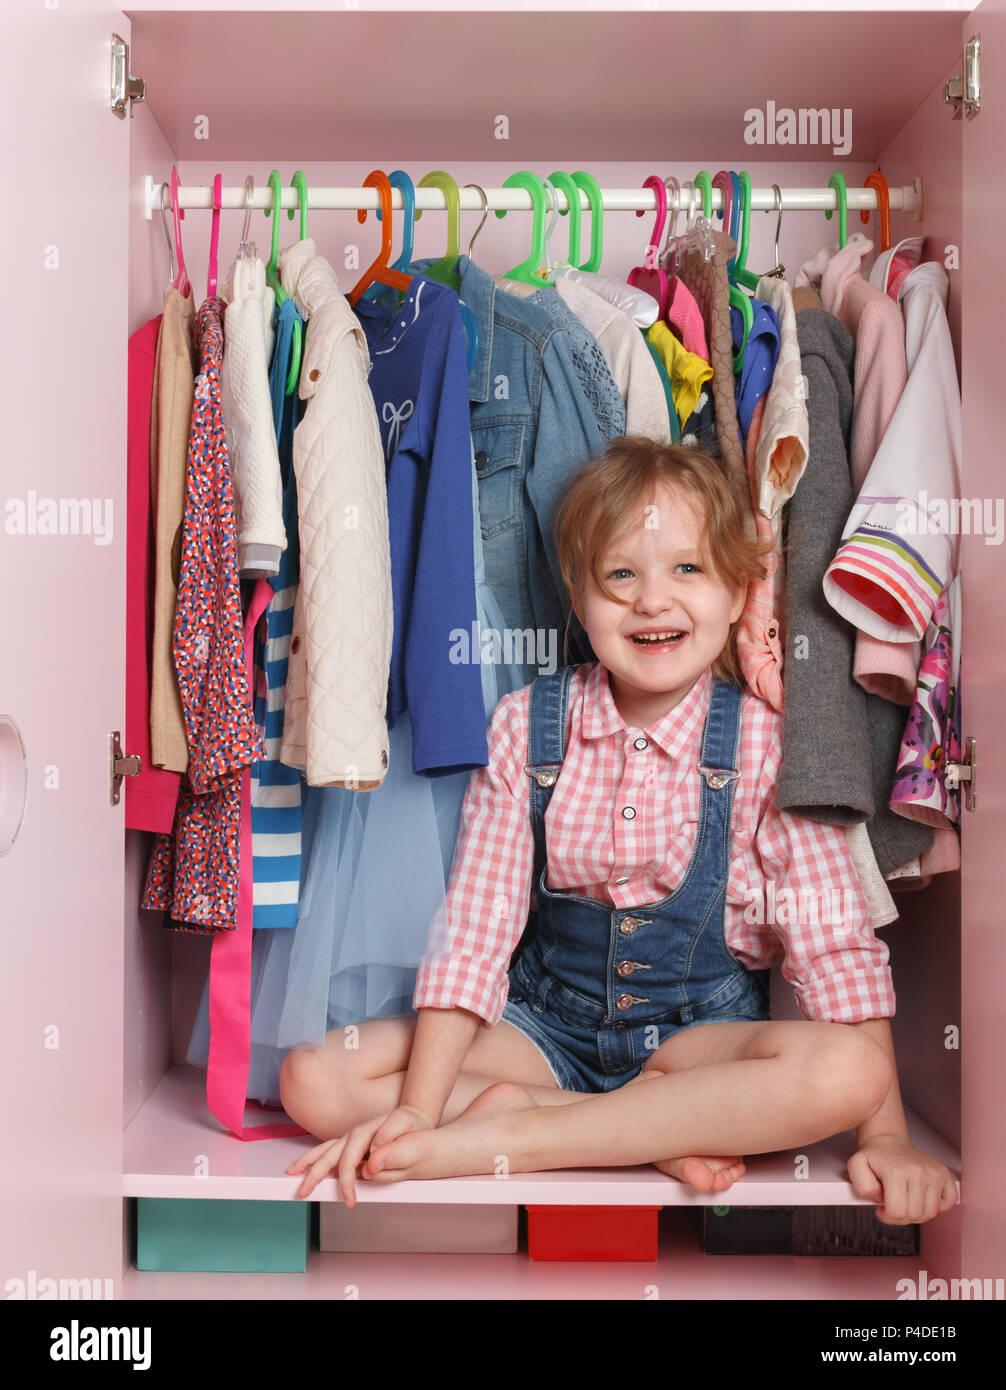 Una niña pequeña está sentada en un armario con un departamento de niños. Sistema de almacenamiento para cosas de niños Imagen De Stock